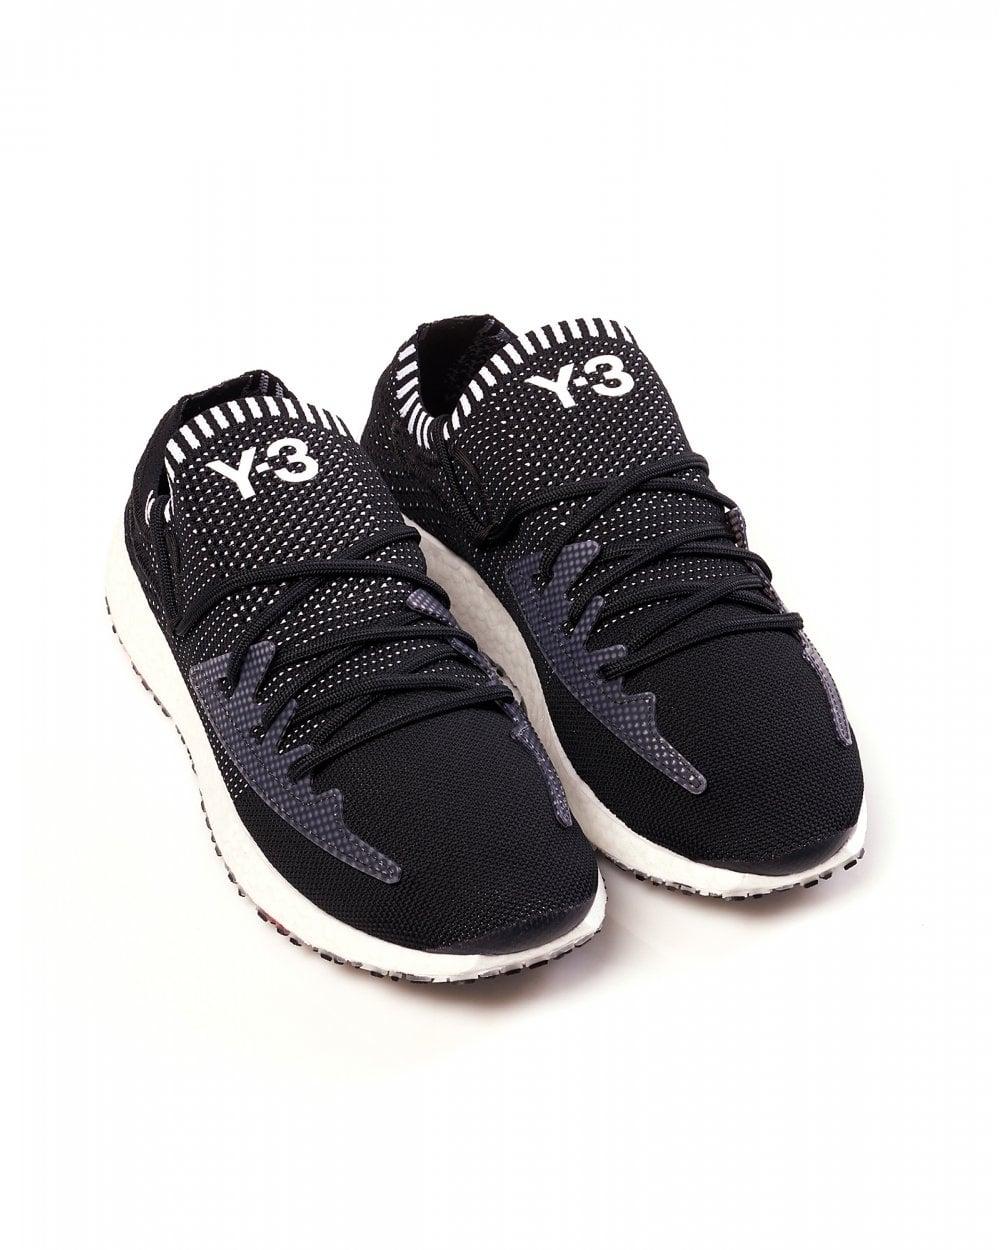 e79d8b5d28a31 Y-3 Mens Black Sneakers